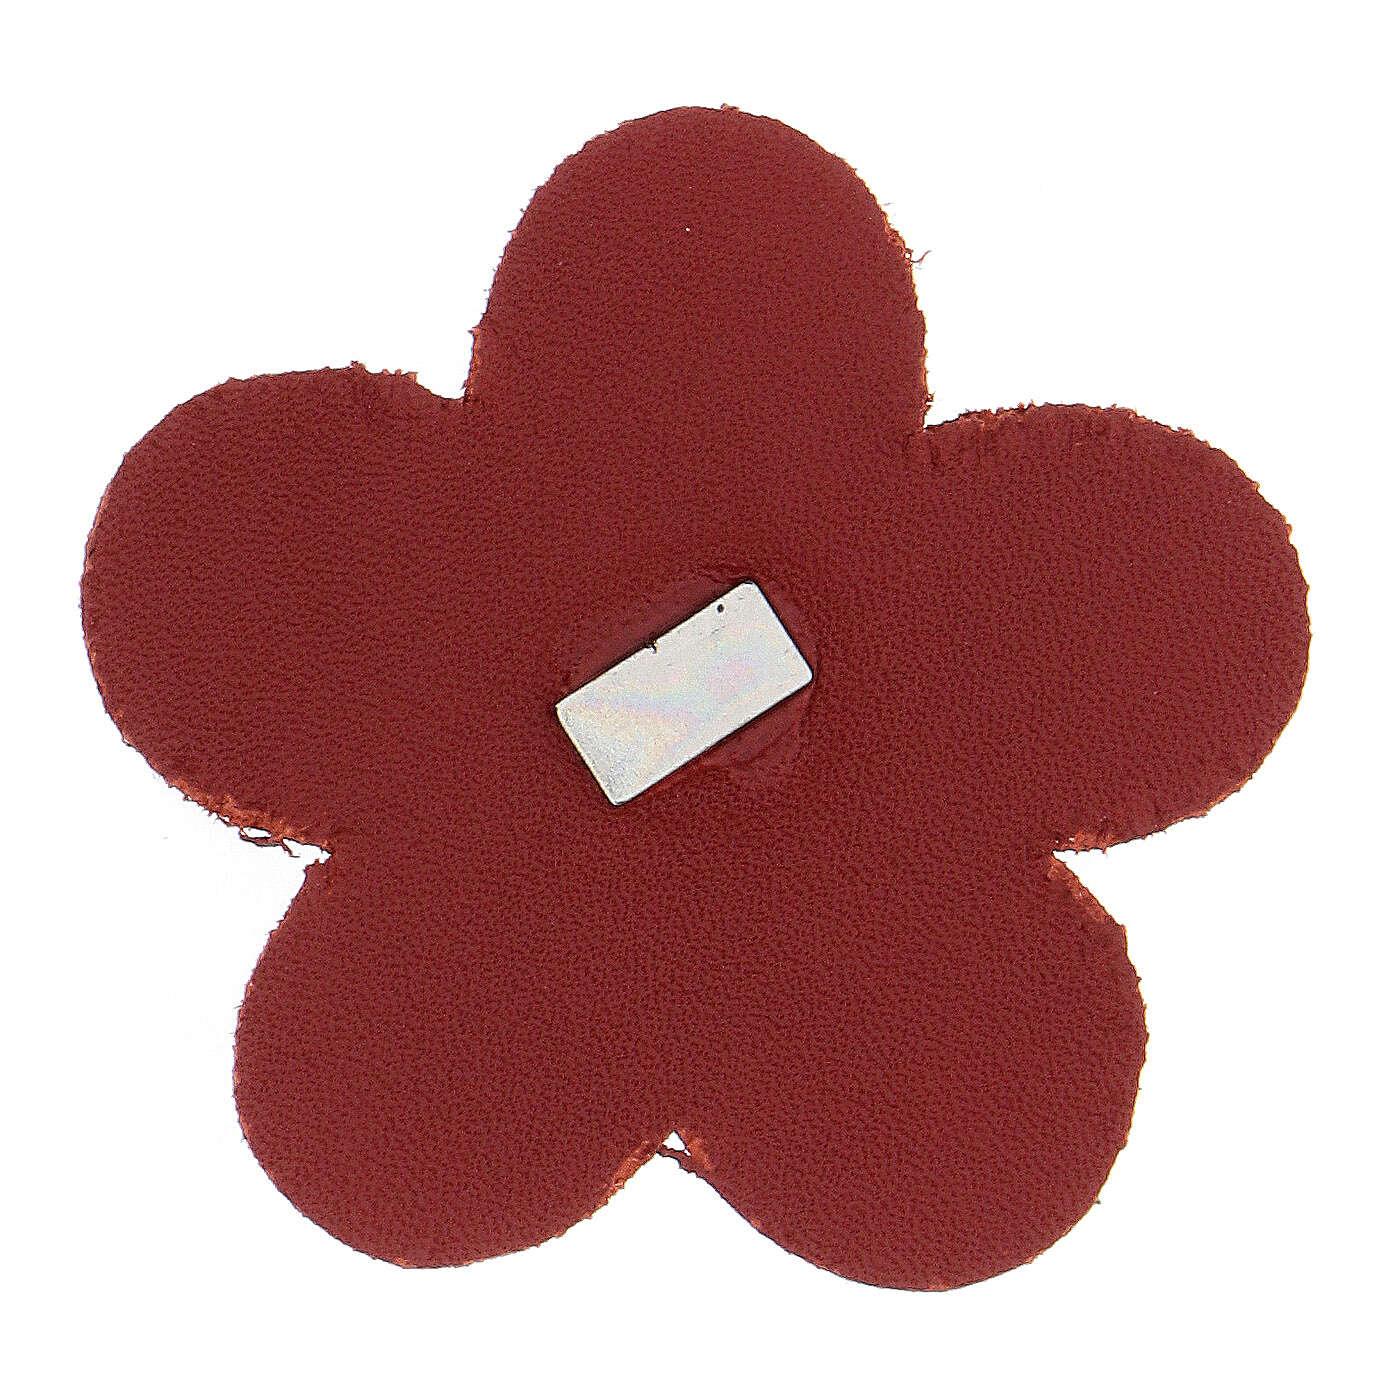 Calamita fiore Madonna Lourdes vera pelle rossa 5 cm 3